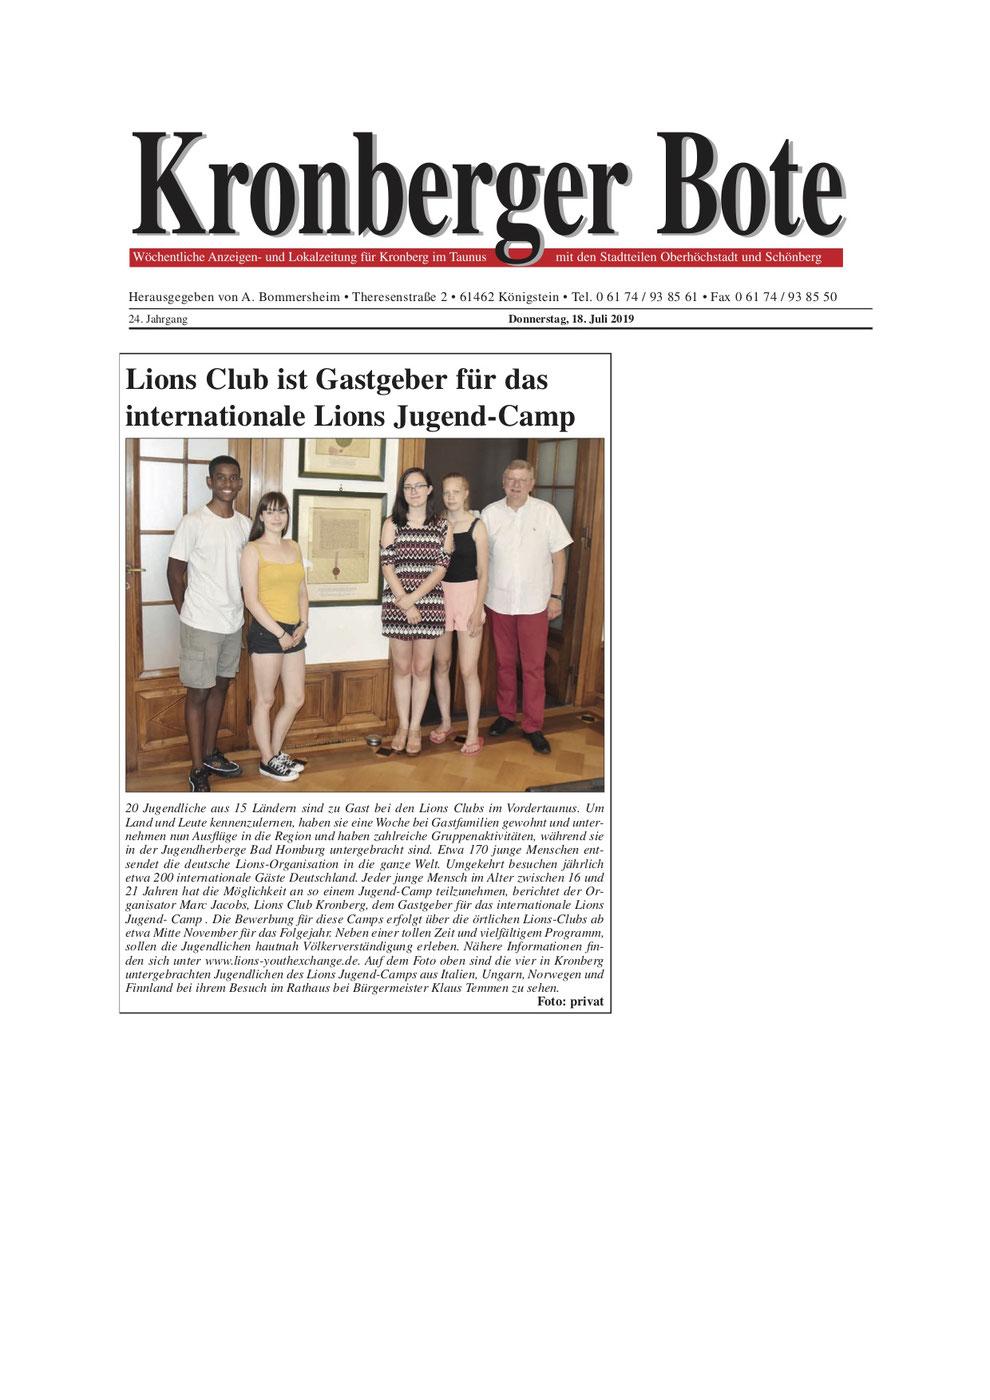 Kronberger Bote Artikel Lions Club ist Gastgeber für das internationale Lions Jugend-Camp - Lions Kronberg